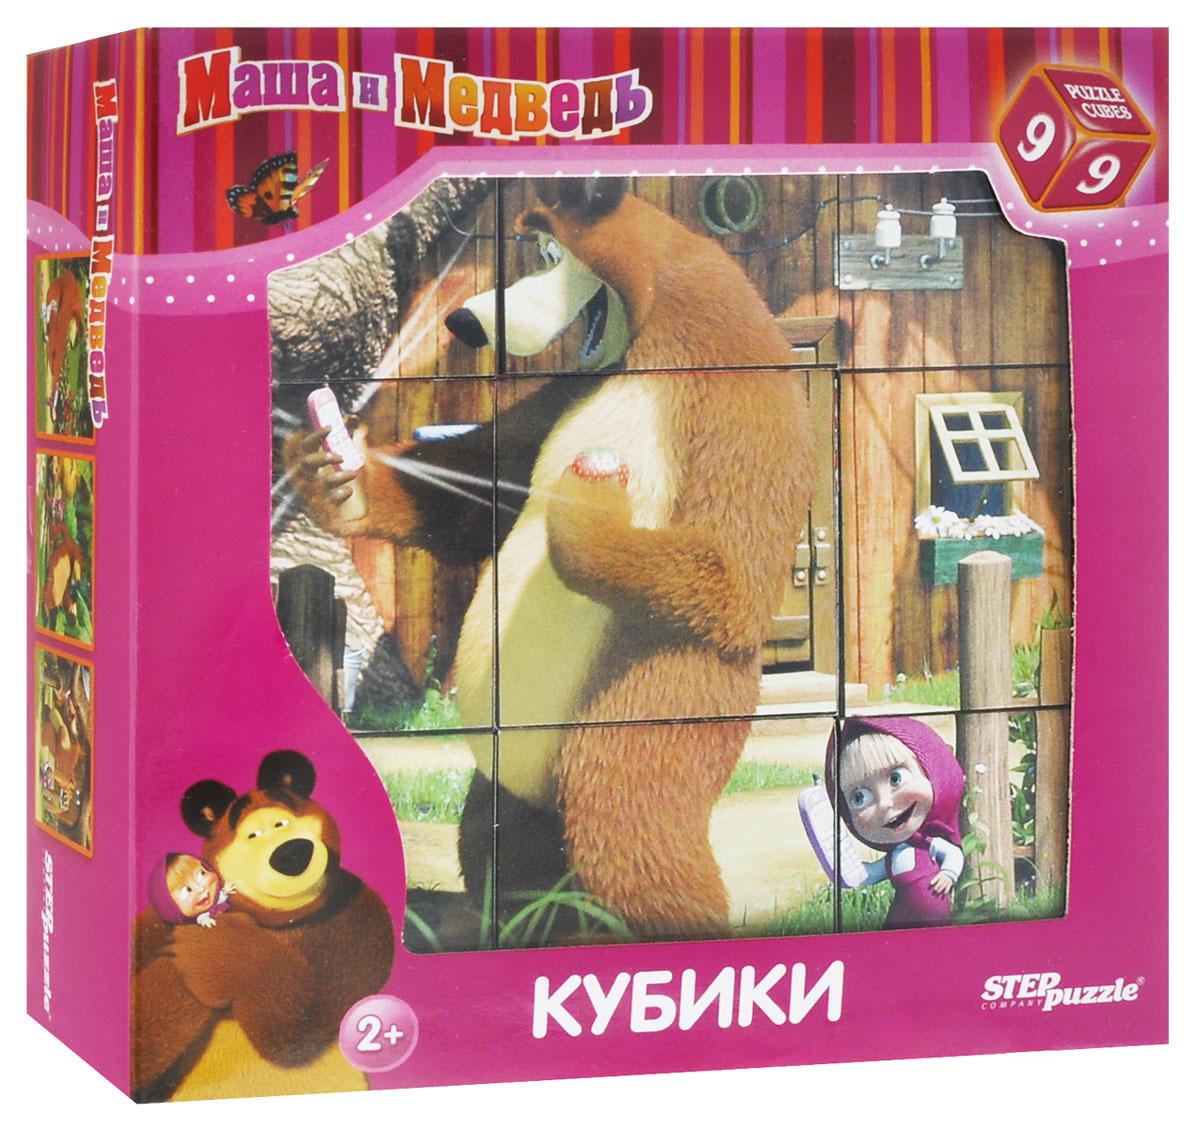 Step Puzzle Кубики Маша и Медведь87133С помощью девяти кубиков Step Puzzle Маша и Медведь ребенок сможет великолепную картинку с изображением героев из одноименного мультфильма. Игра с кубиками развивает зрительное восприятие, наблюдательность и внимание, мелкую моторику рук и произвольные движения. Ребенок научится складывать целостный образ из частей, определять недостающие детали изображения. Это прекрасный комплект для развлечения и времяпрепровождения с пользой для малыша.